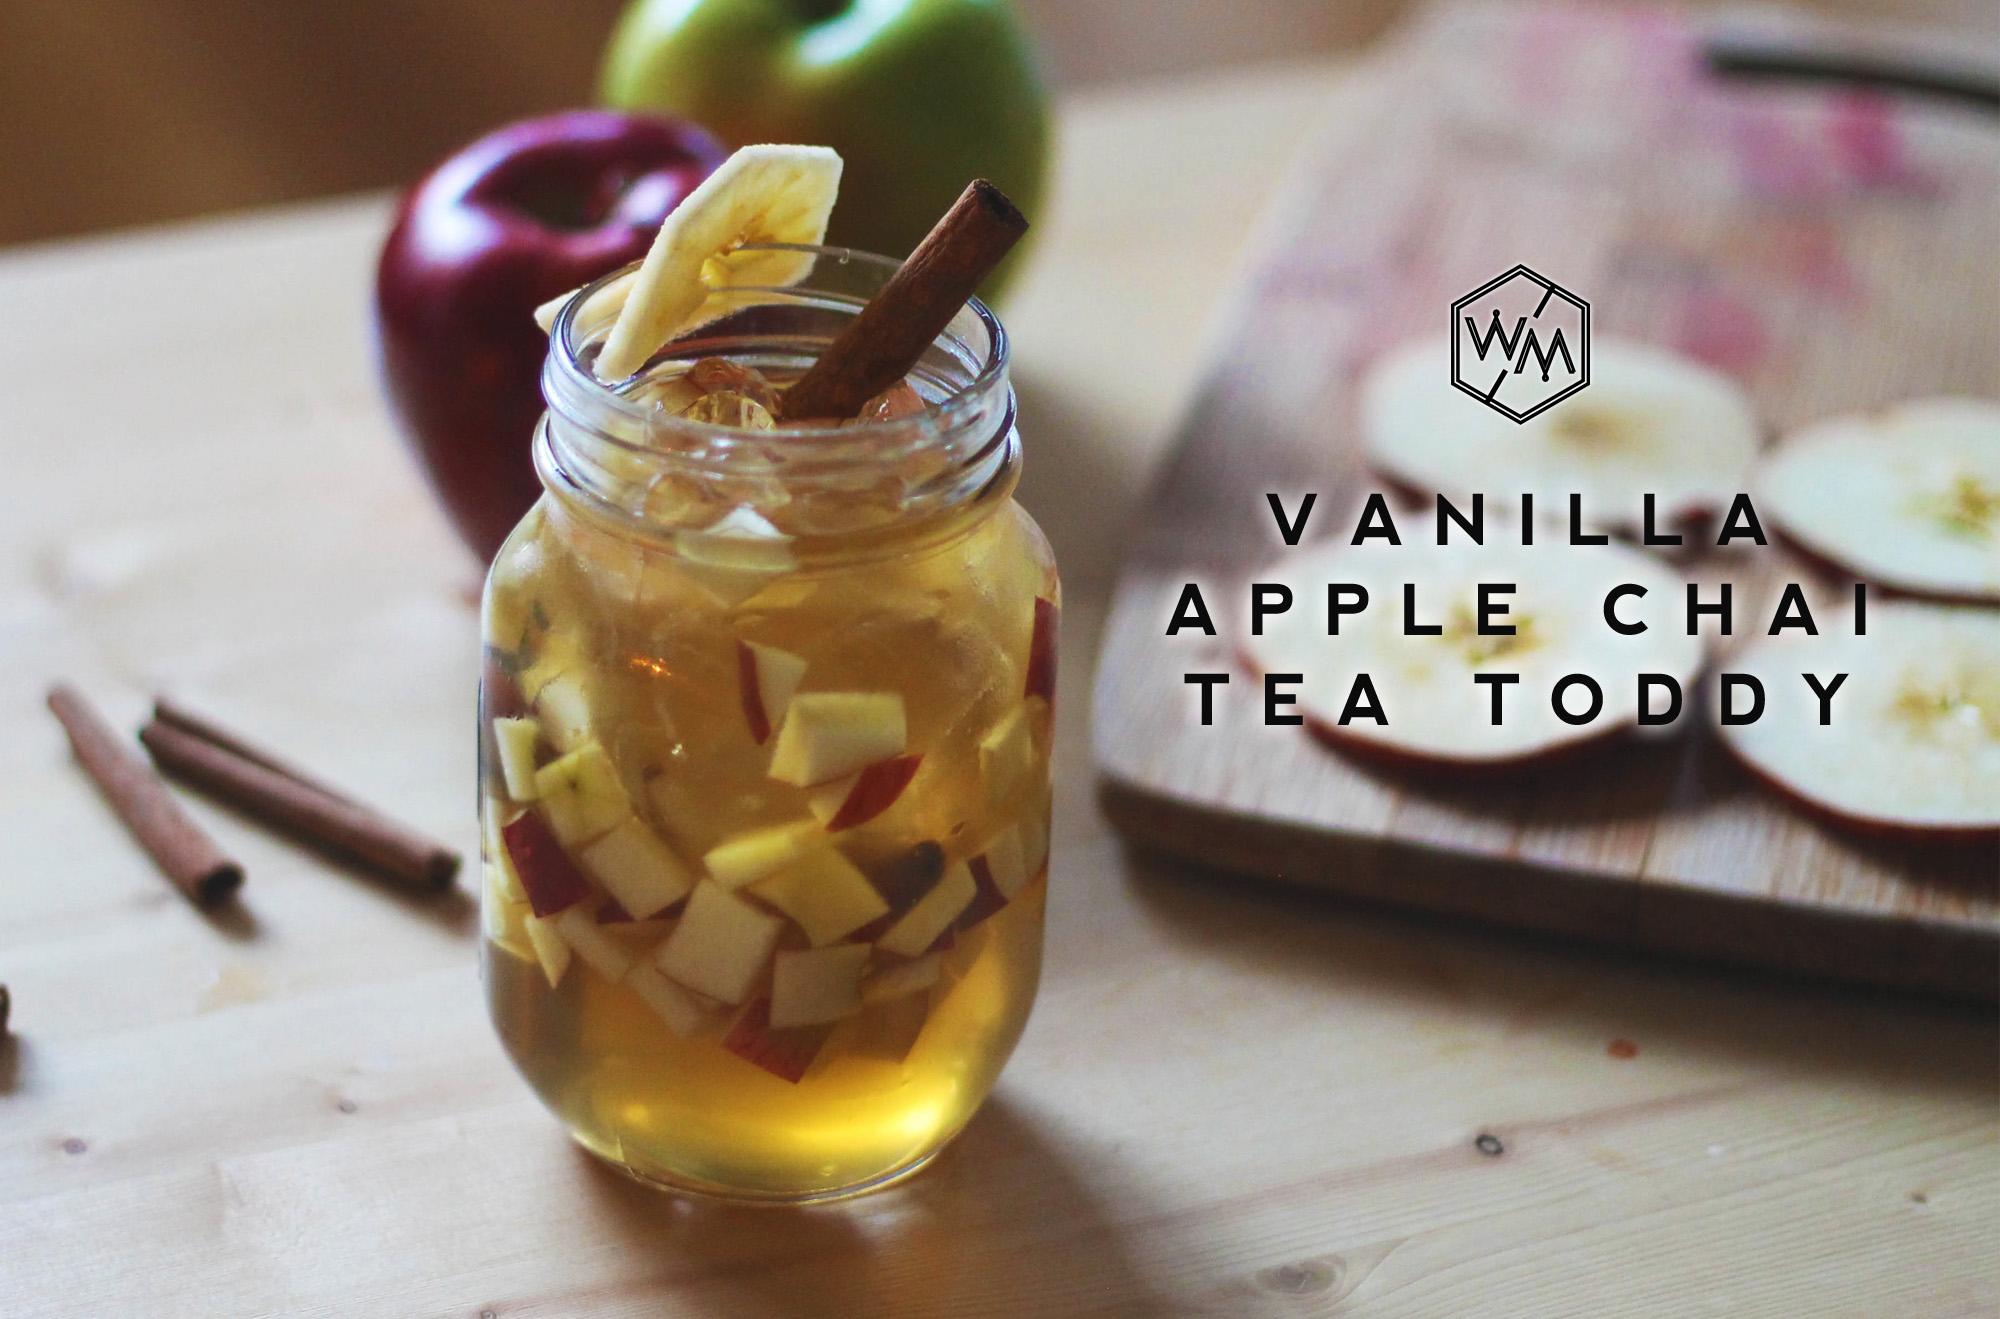 Vanilla Apple Chai Tea Toddy - Whiskey Muse